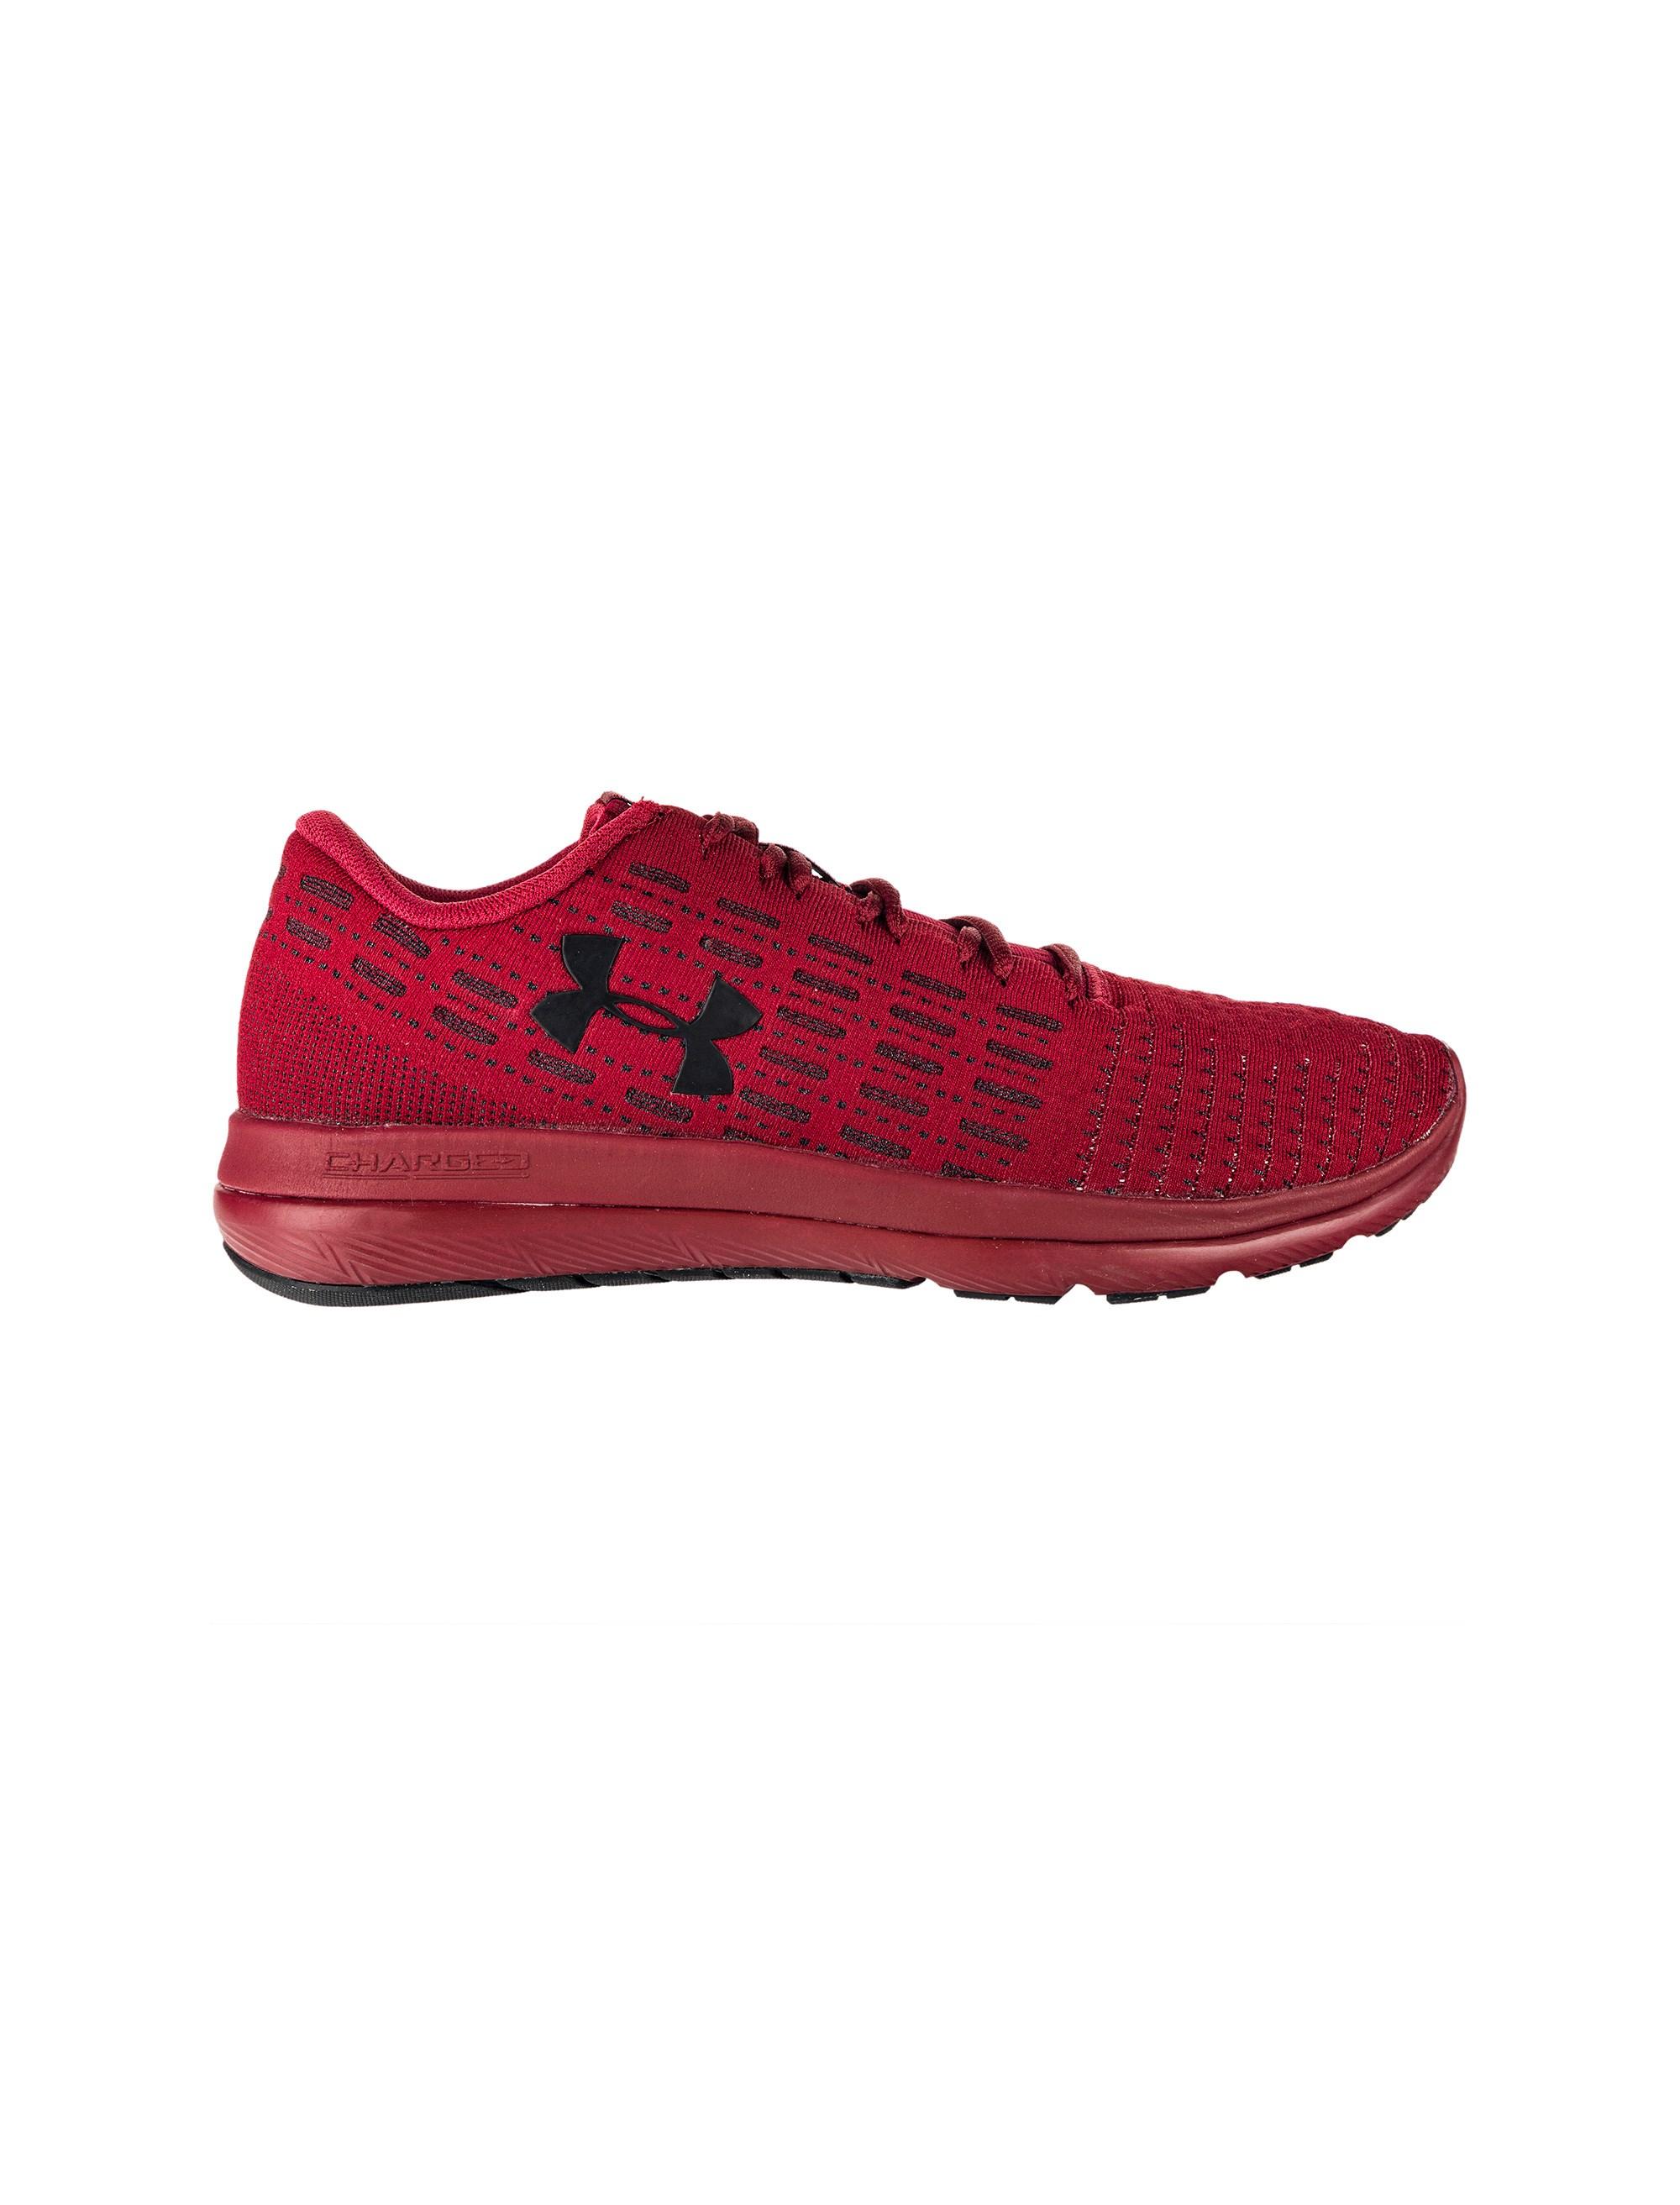 قیمت کفش دویدن بندی مردانه Threadborne Slingflex - آندر آرمور